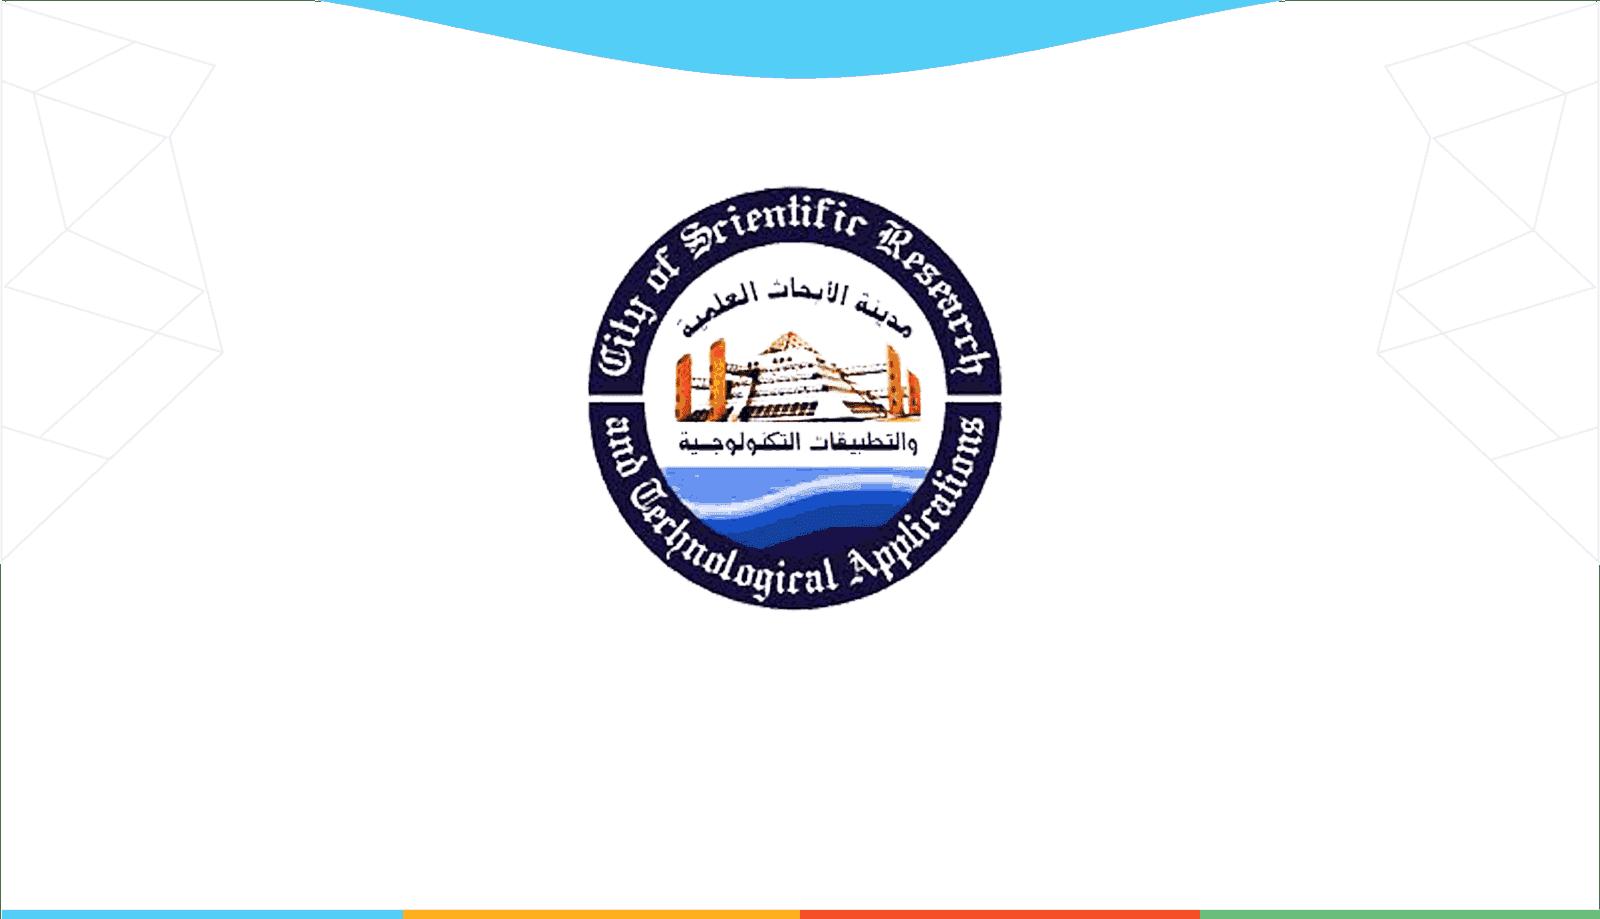 وظائف الهيئة العامة لمدينة الابحاث العلمية مصر 2021